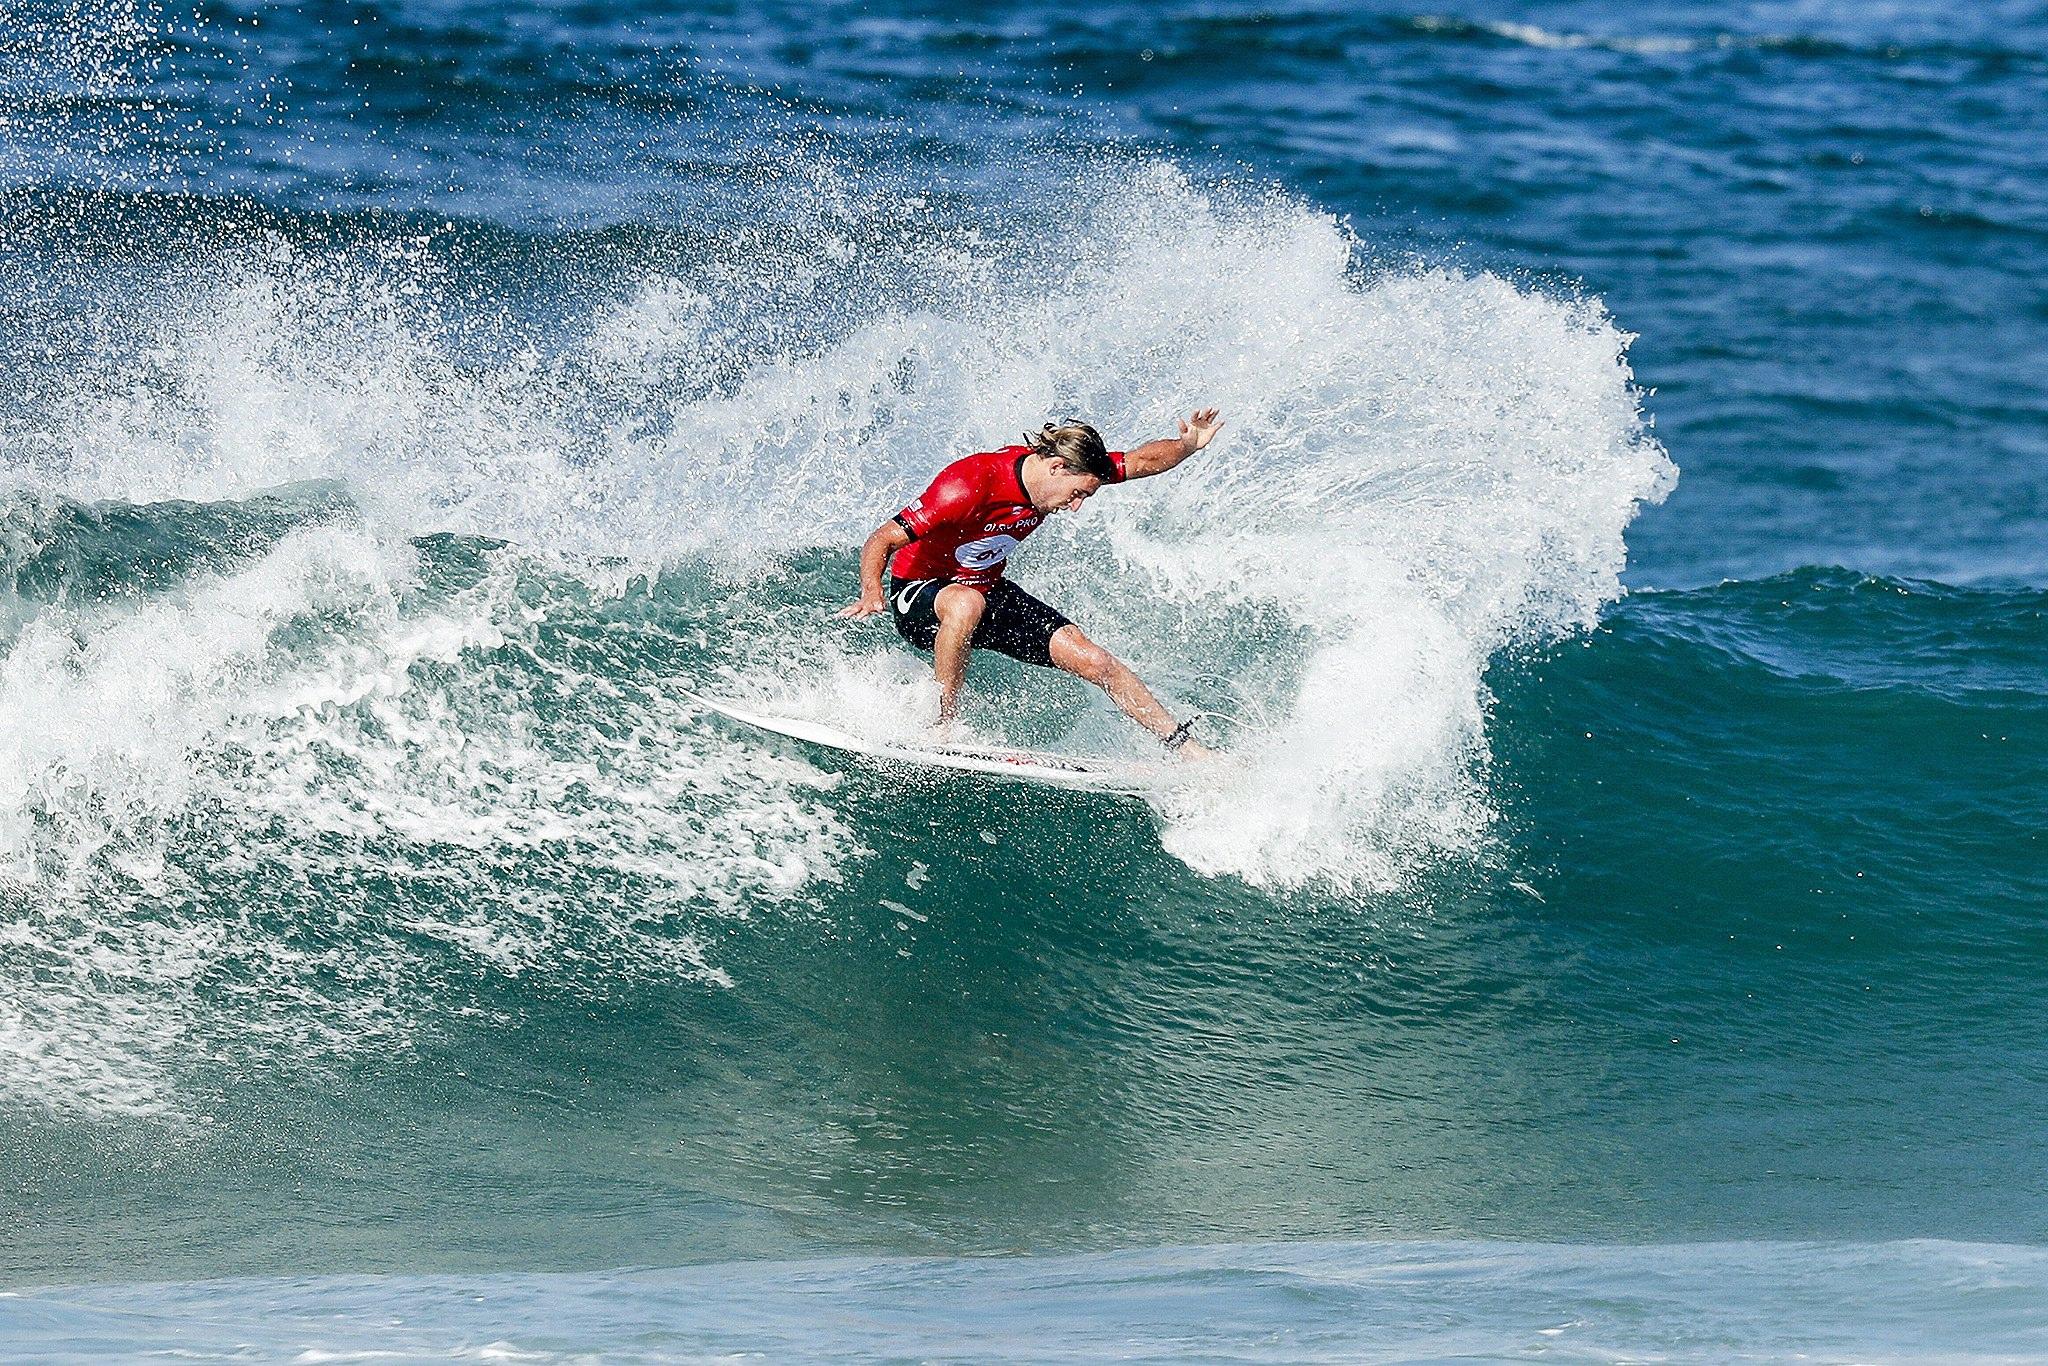 Brazylia: surfingowe zawody Oi Rio Pro w Rio de Janeiro (foto. PAP/EPA/DAMIEN POULLENOT)